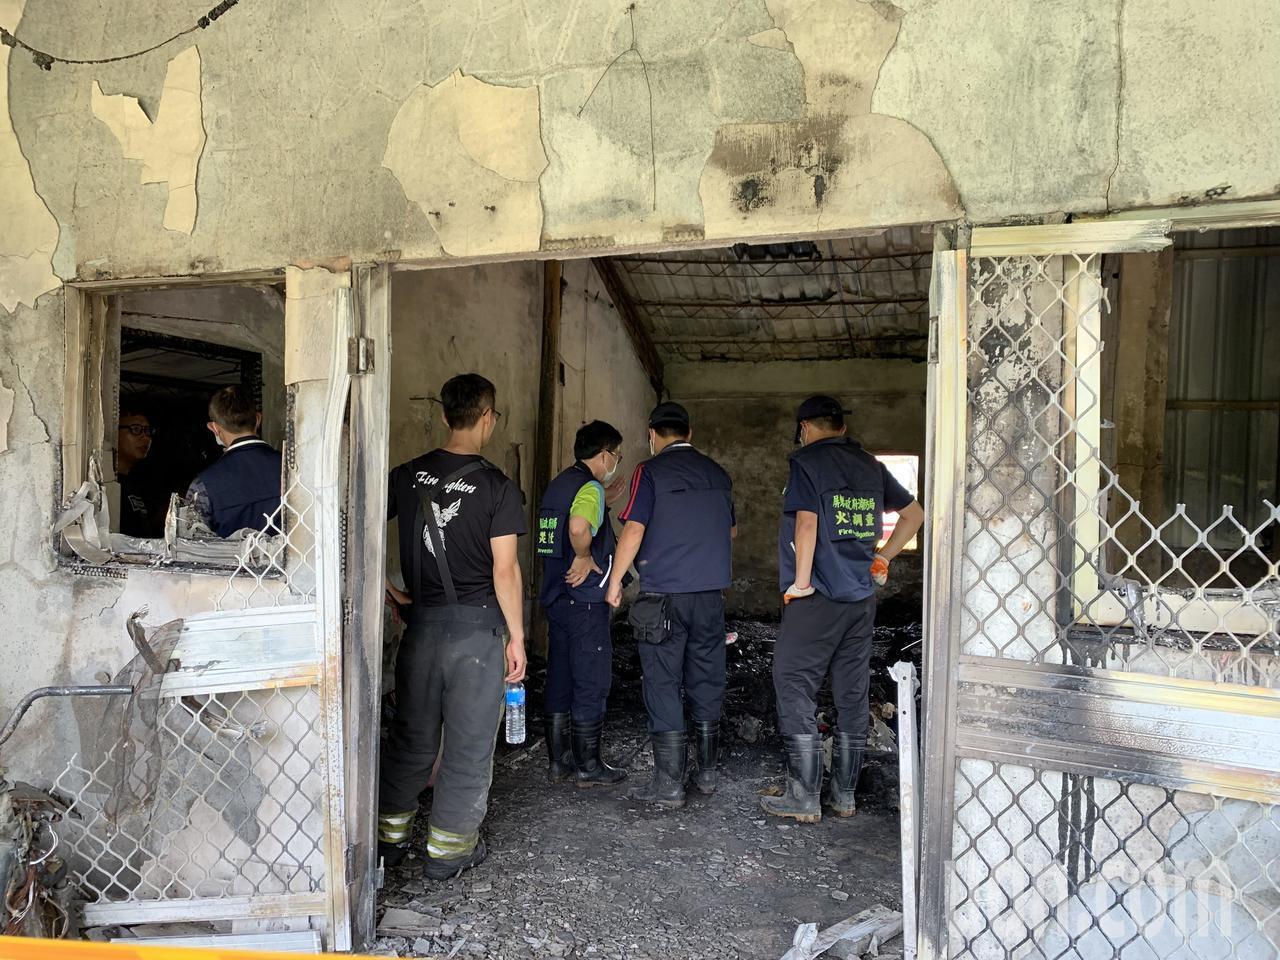 屏東縣內埔鄉一處平房今早傳出火警,造成一對母女葬身火窟。記者翁禎霞/攝影